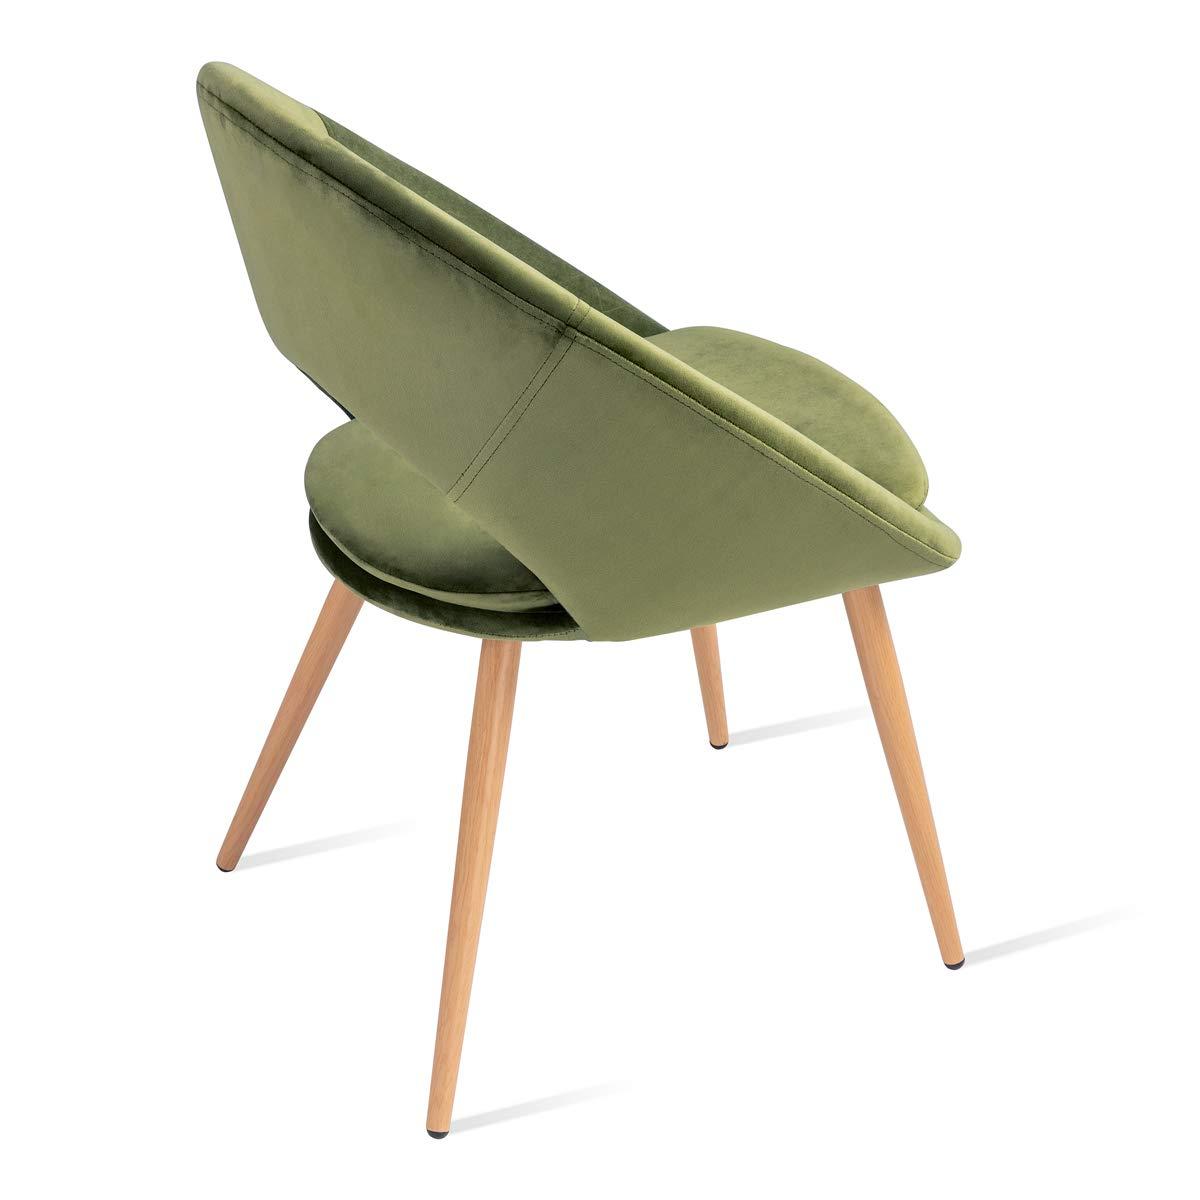 Grigio 46x43x82cm Mc Haus Pack 2 sedie Laguna nordic design  perla sala pranzo